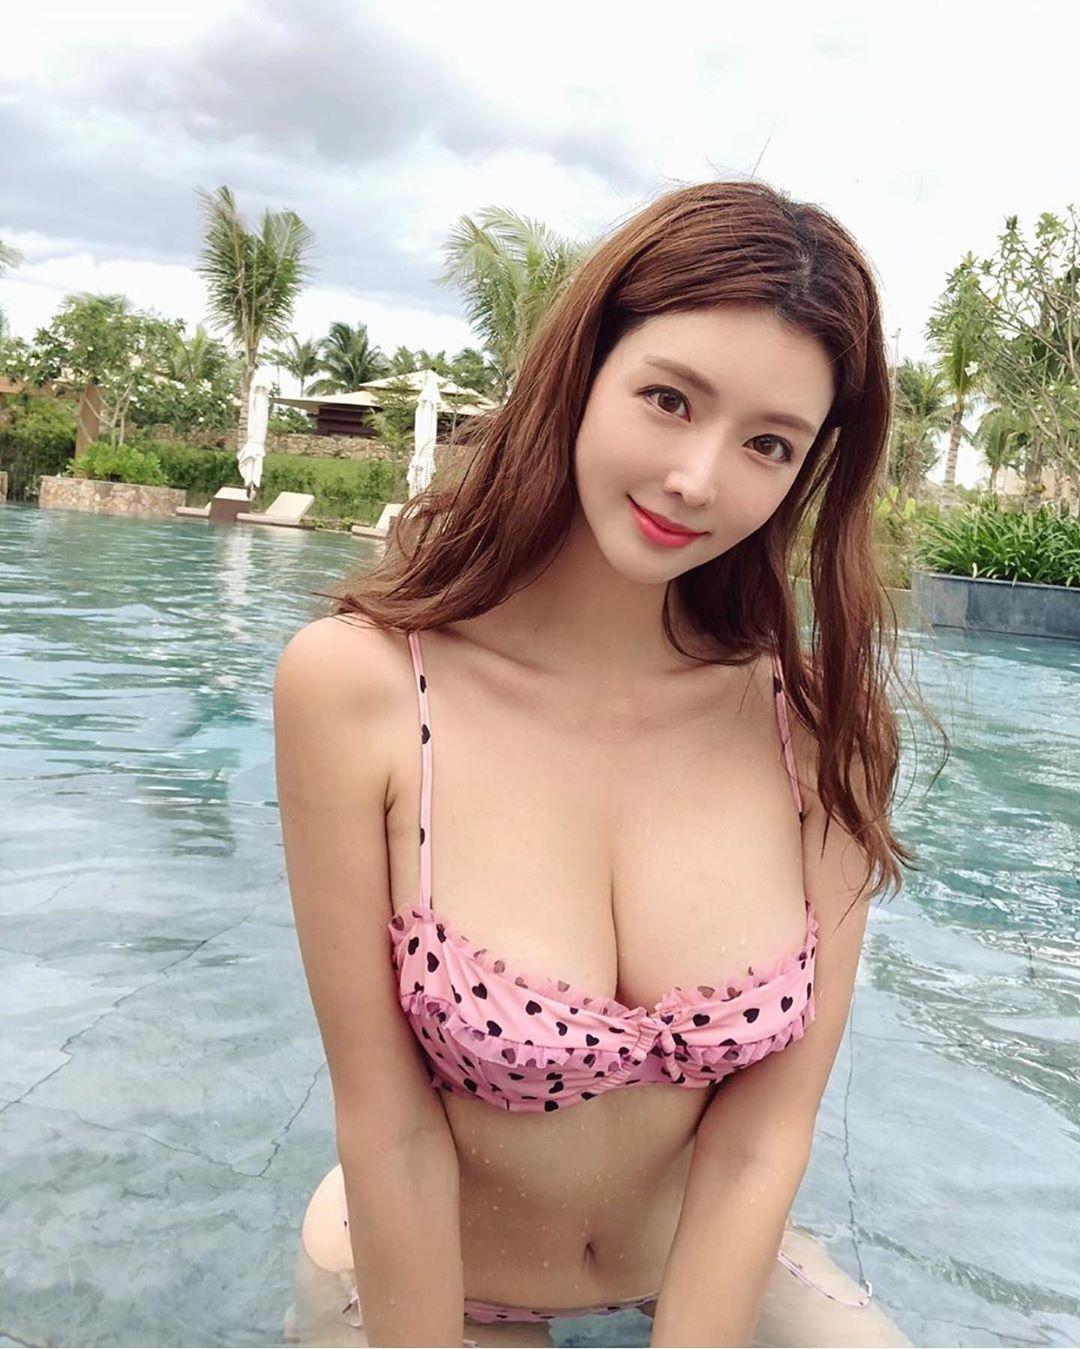 manyo_yoojin - Korean blogger